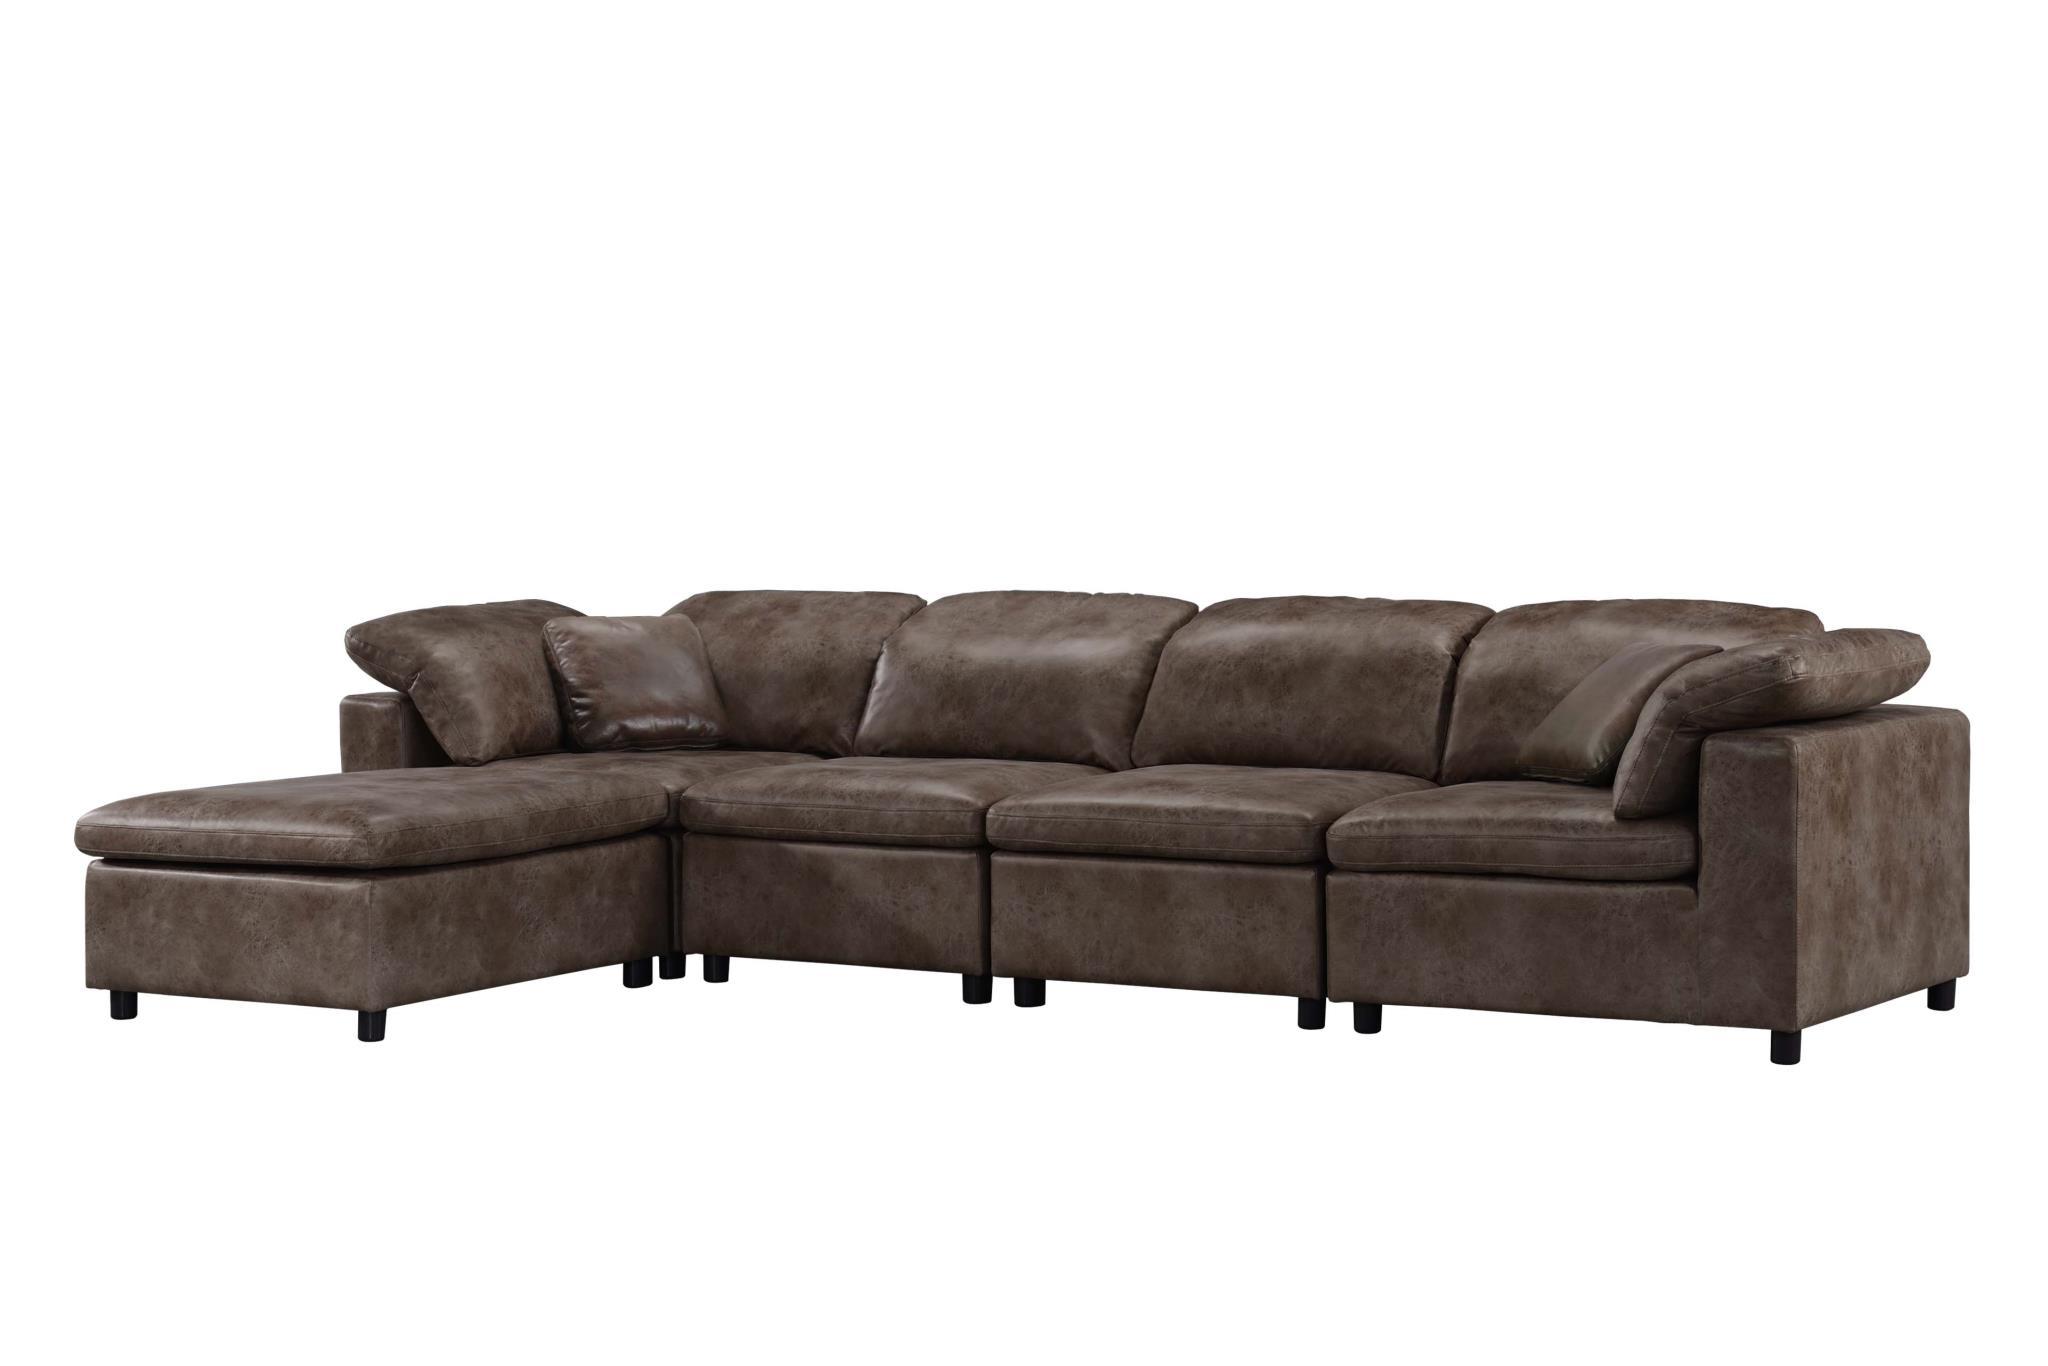 2-Tone Brown Stone Sectional Sofa Angle